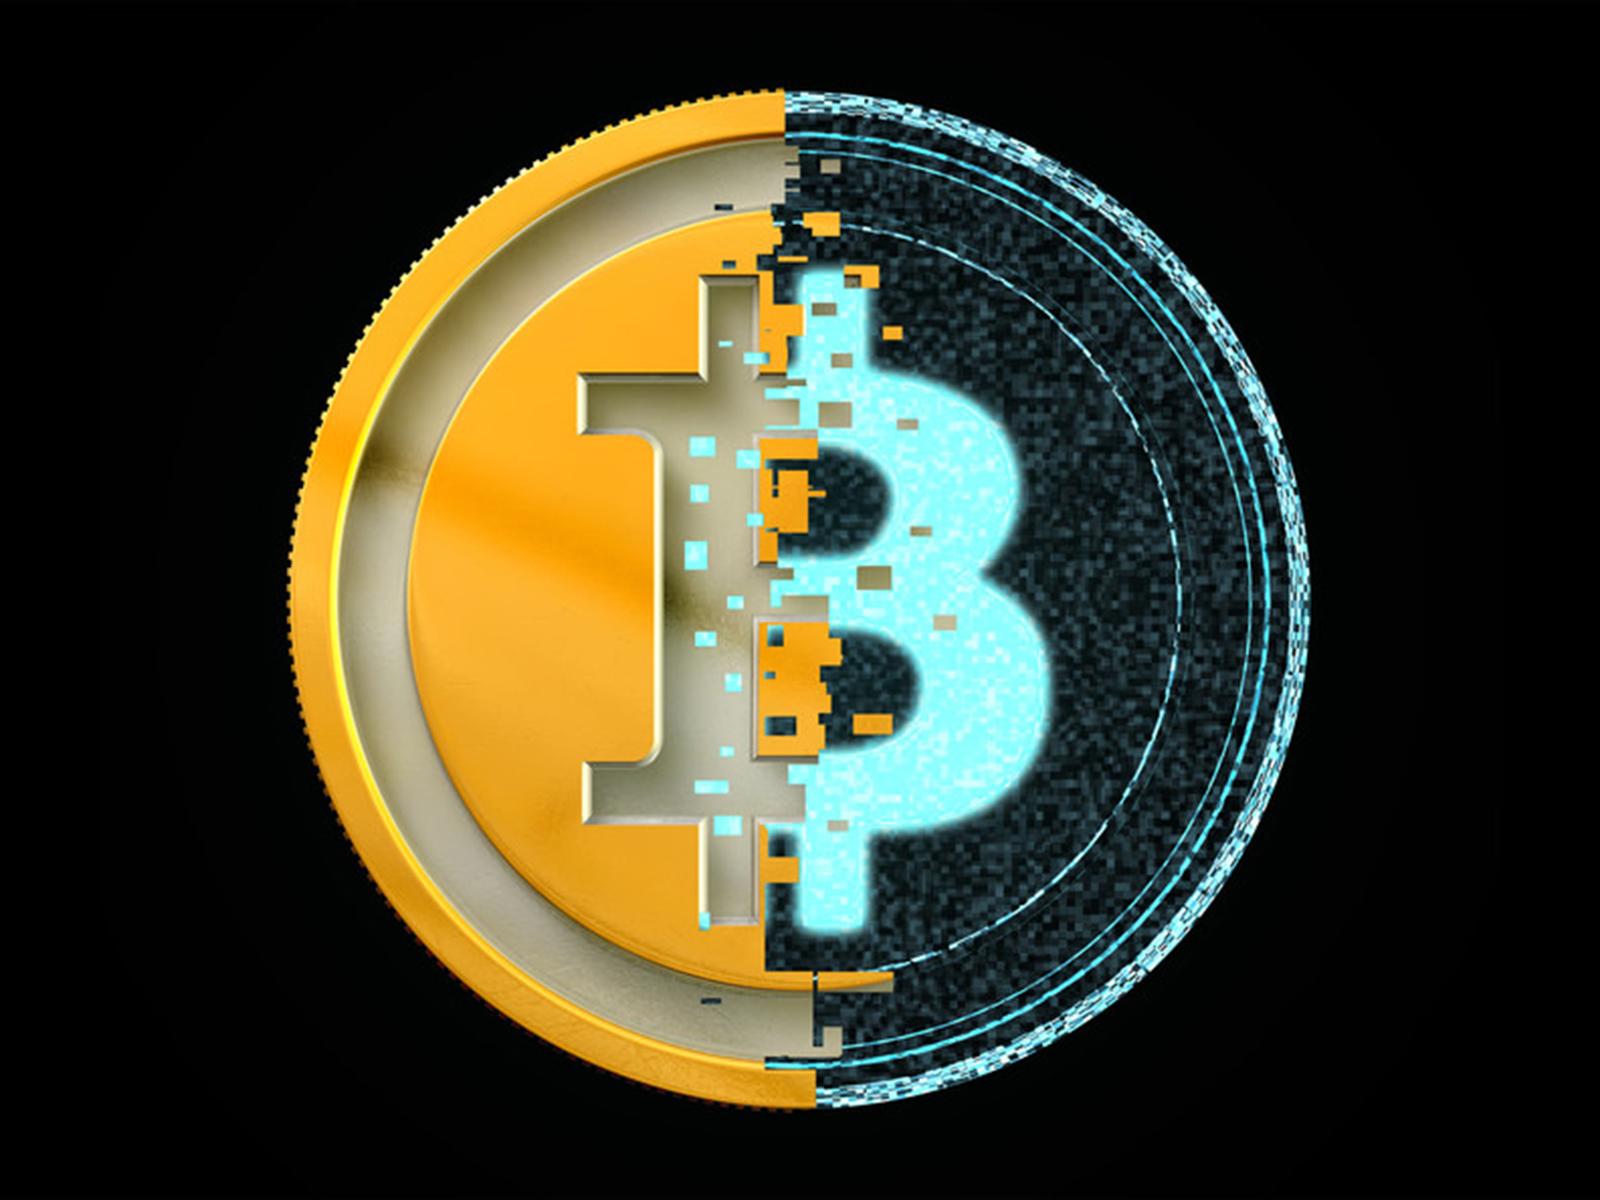 Bitcoin logo digitized